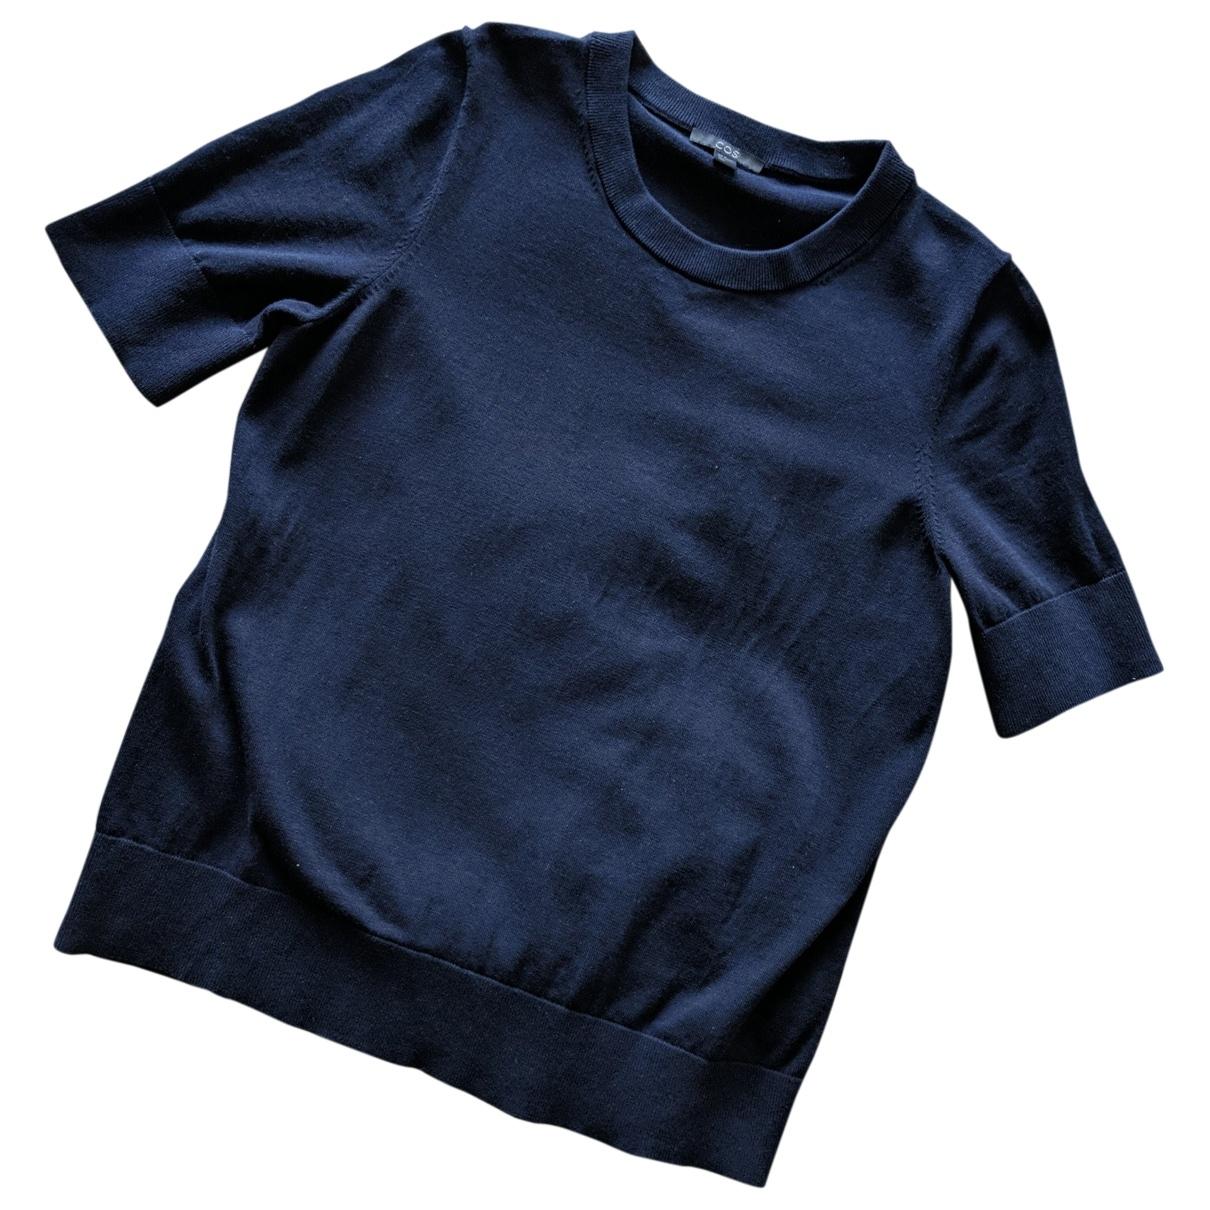 Cos - Top   pour femme en coton - marine